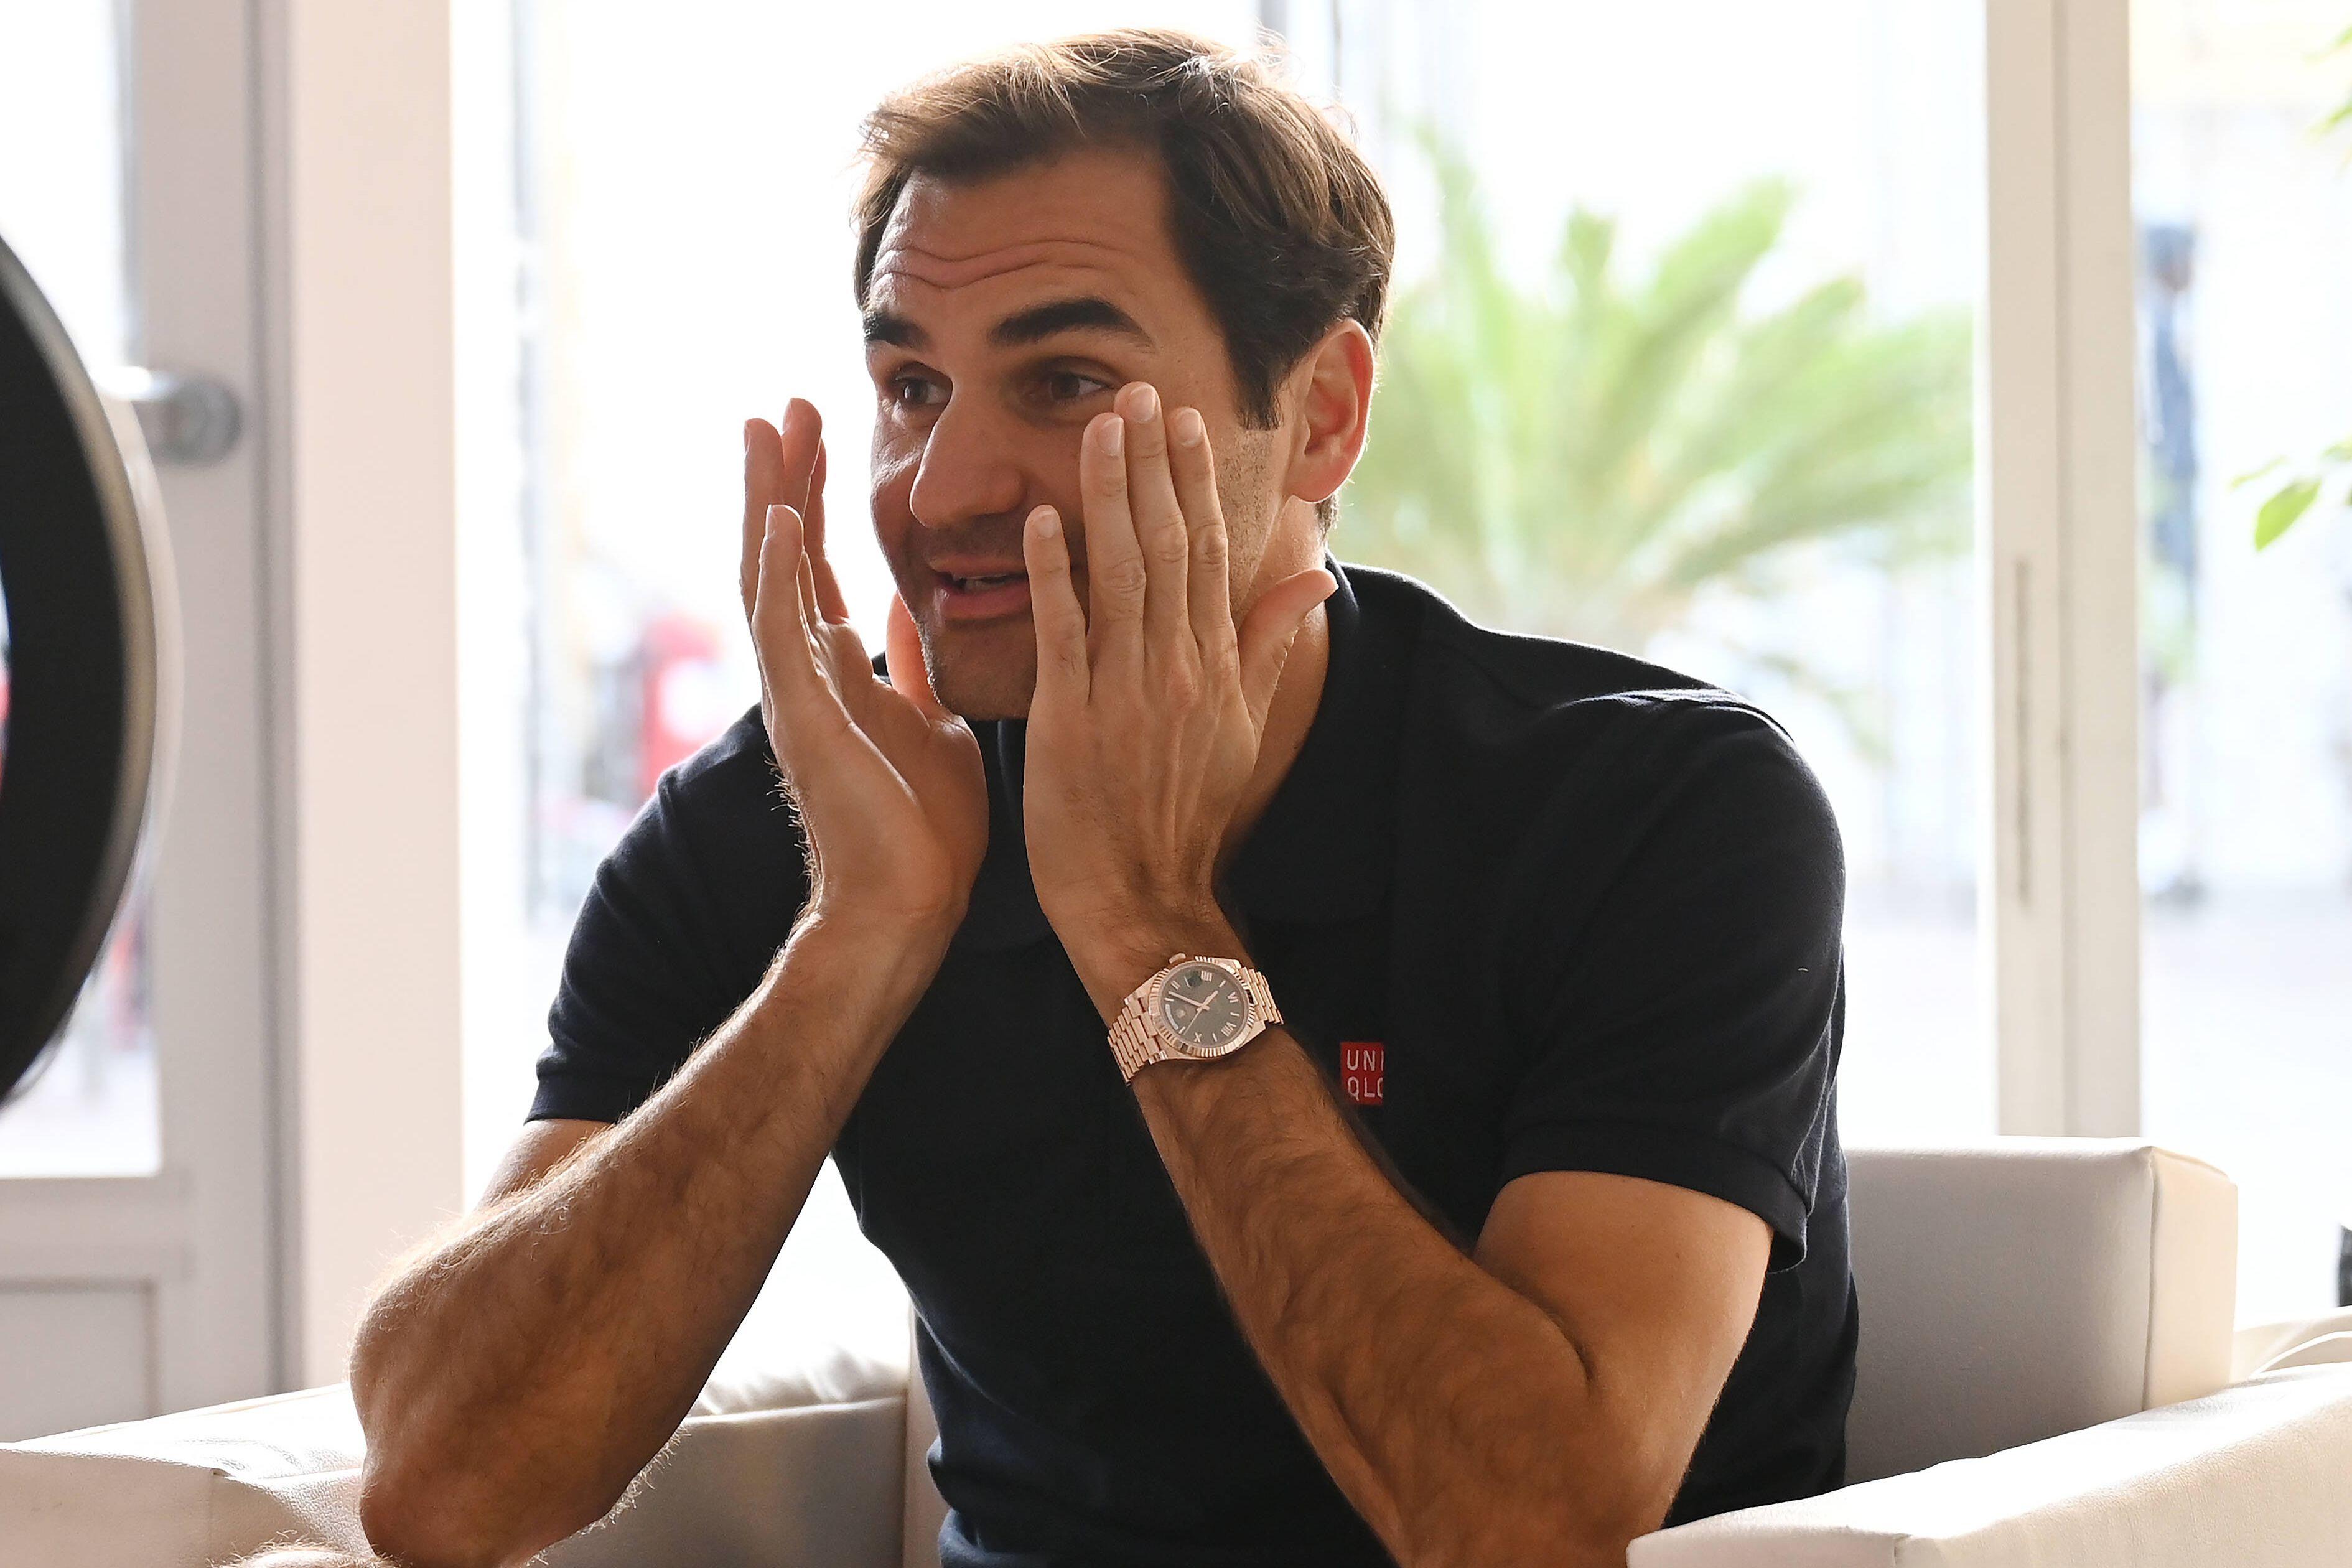 Эванс: 'Федерер пришёл на мой матч? Наверное, ему просто было скучно'